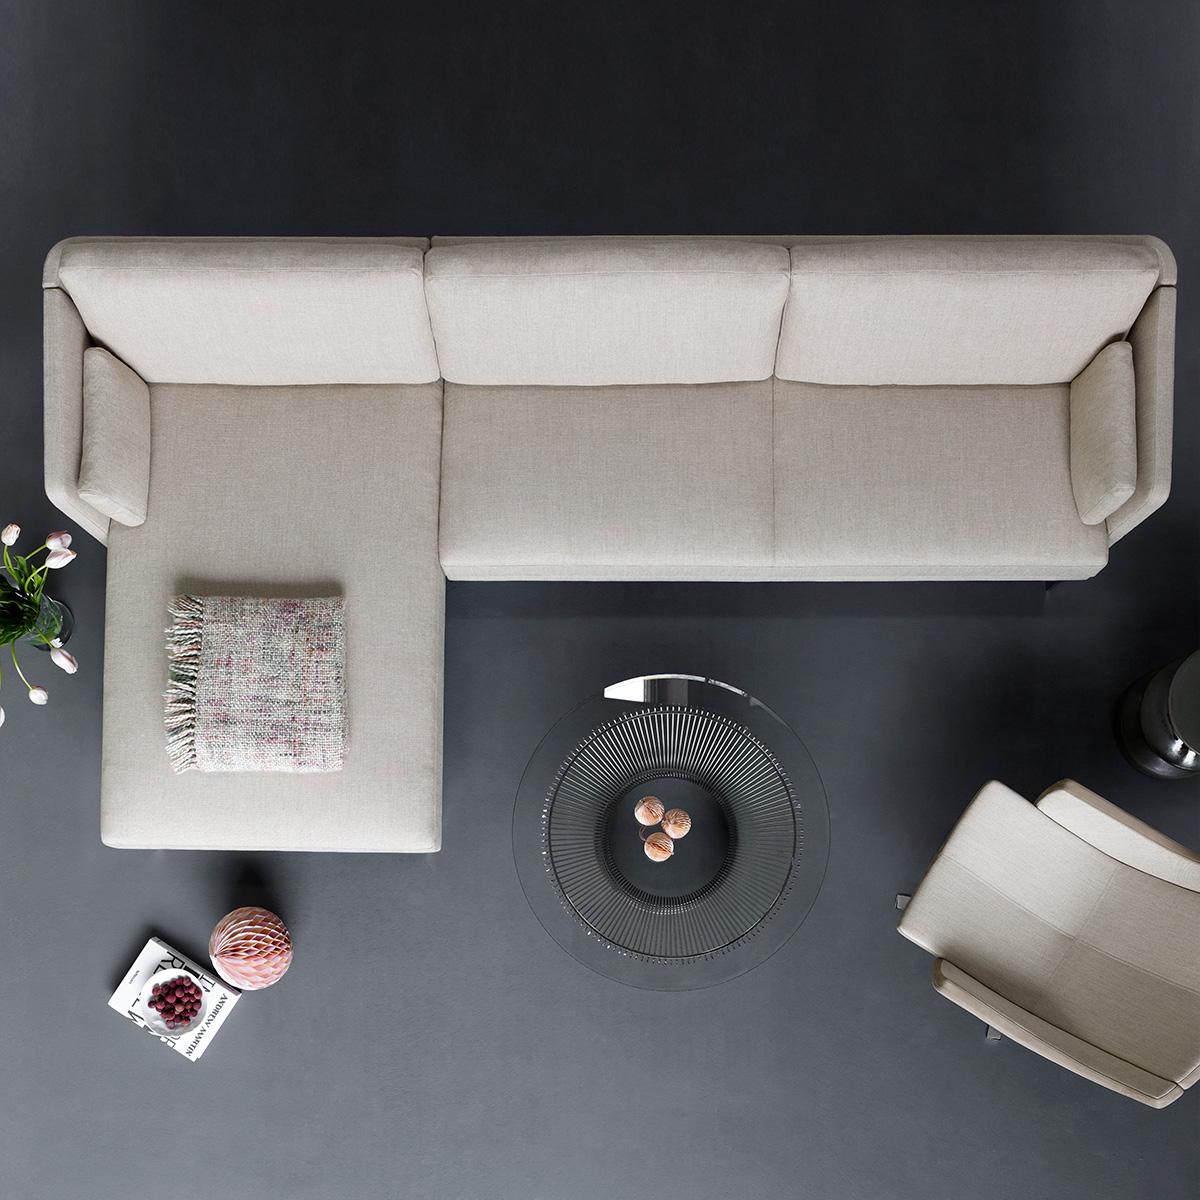 intertime frame 4er eck sofa m bel b r ag. Black Bedroom Furniture Sets. Home Design Ideas